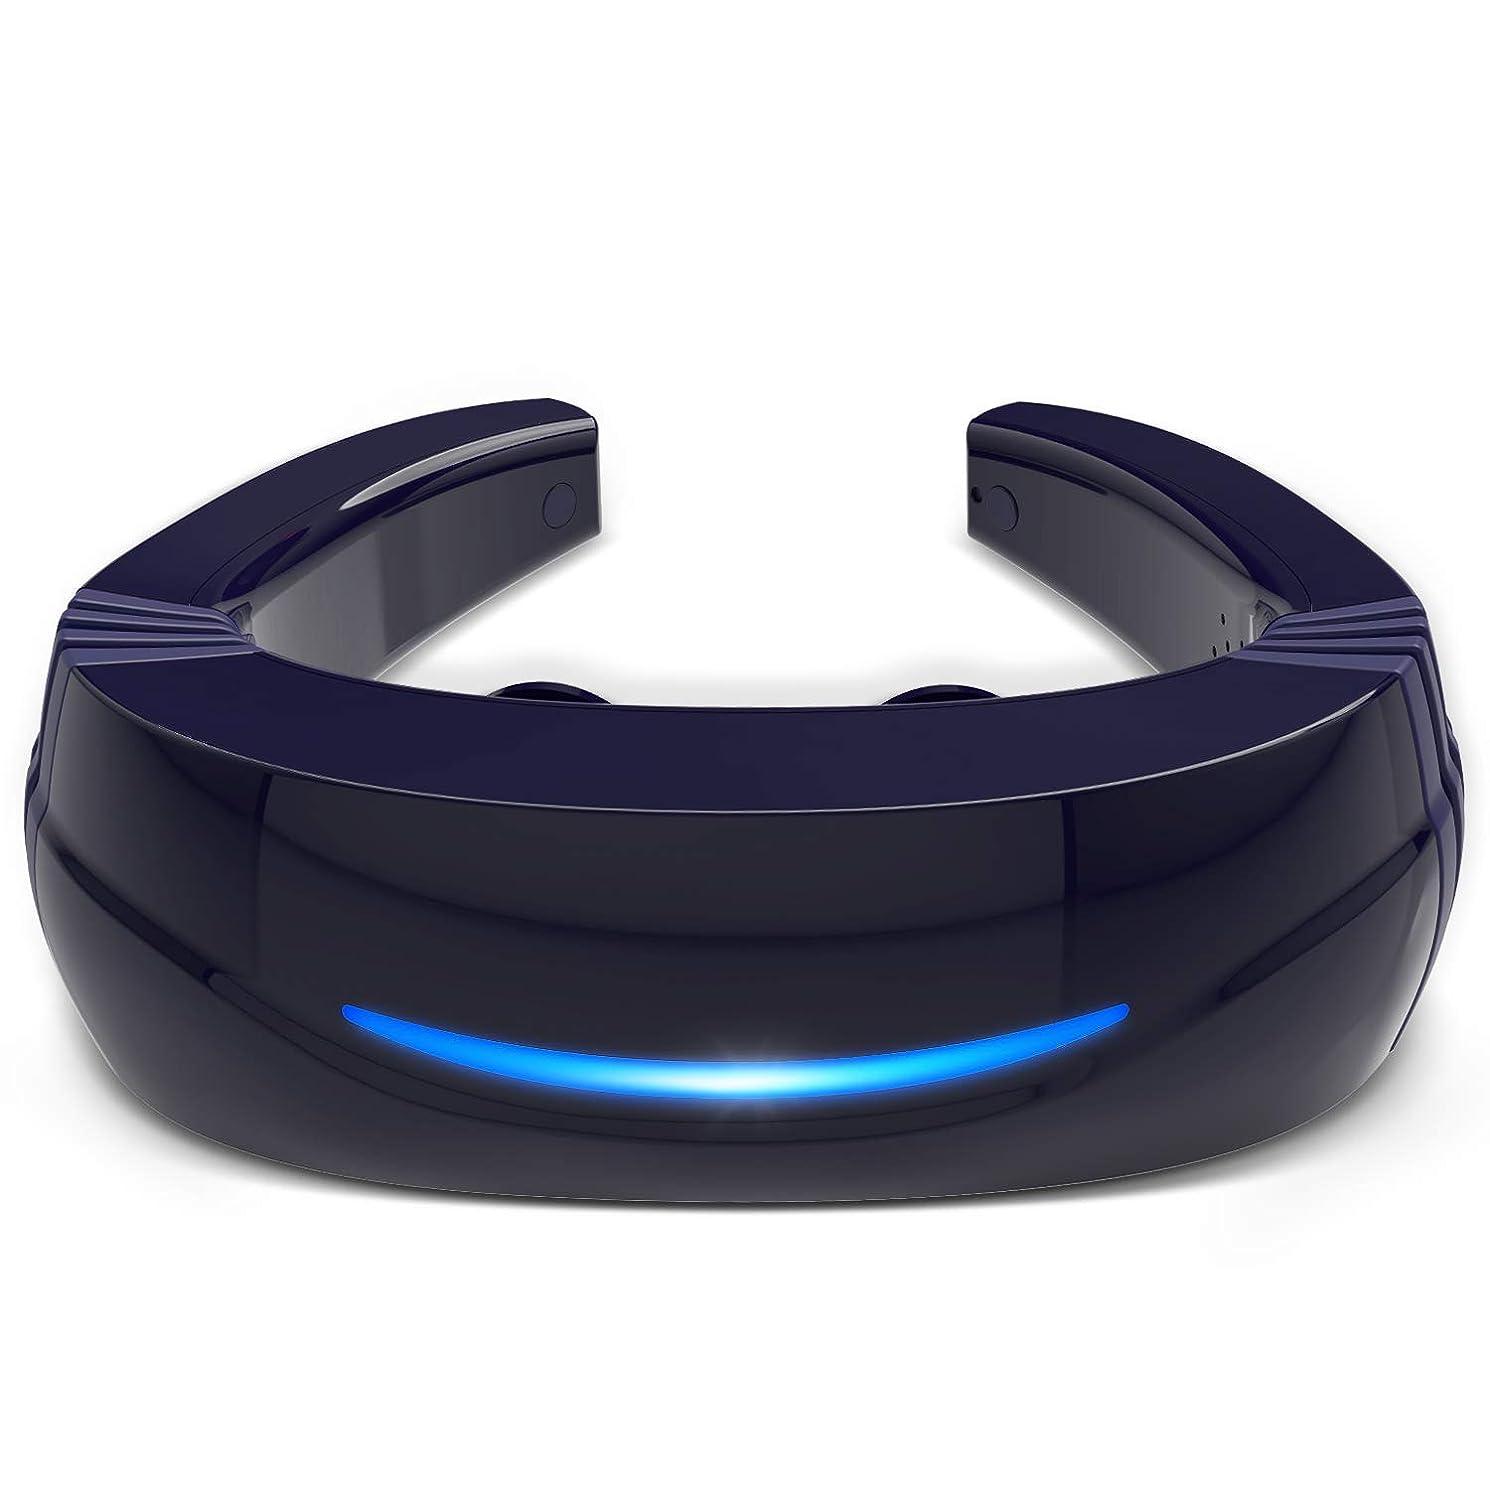 巧みな雇った宣伝Hipoo ネックマッサージャー 首マッサージ 低周波 マッサージ器 ストレス解消 USB充電式 日本語説明書 電極パッド2つ付き 音声式